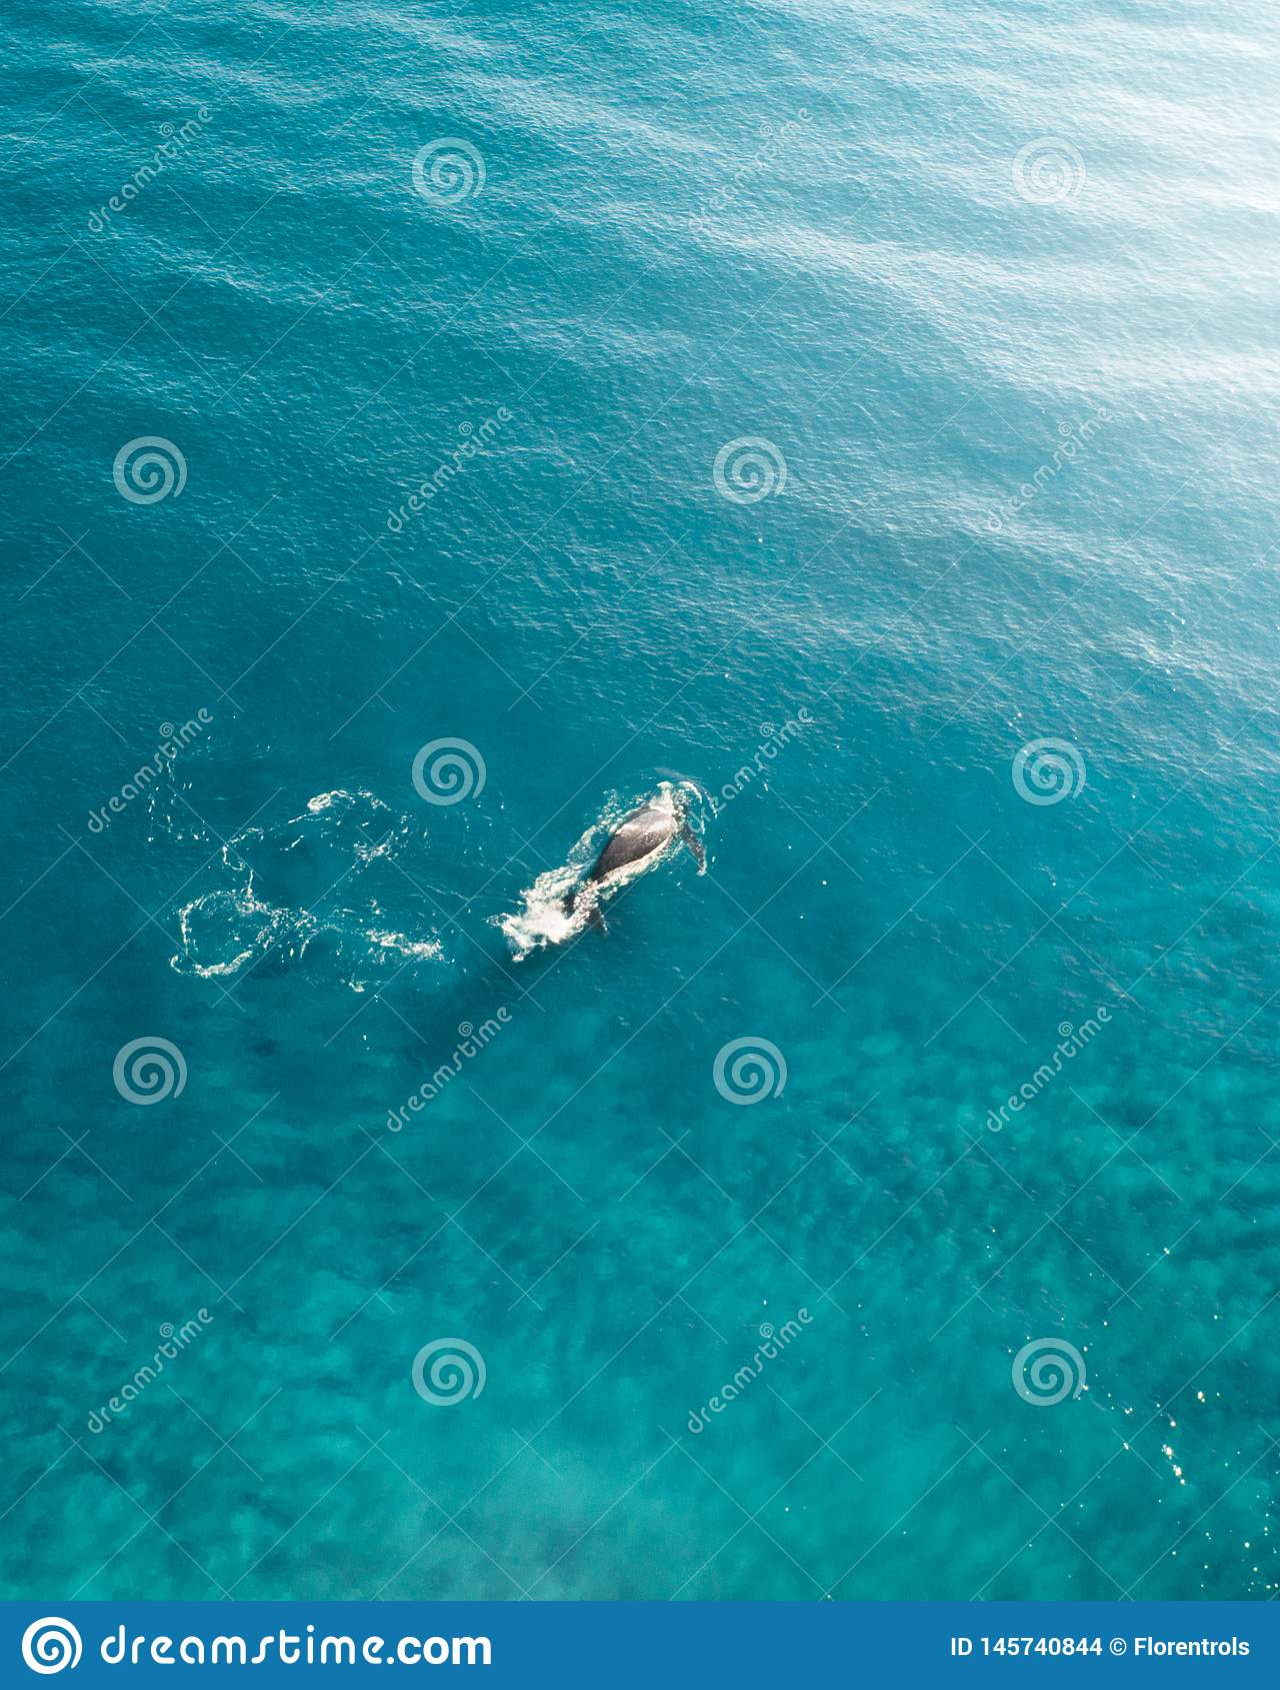 Wieloryb pływa statkiem w oceanie Antena strzał wieloryb narusza wierzchołek woda błękitny ocean